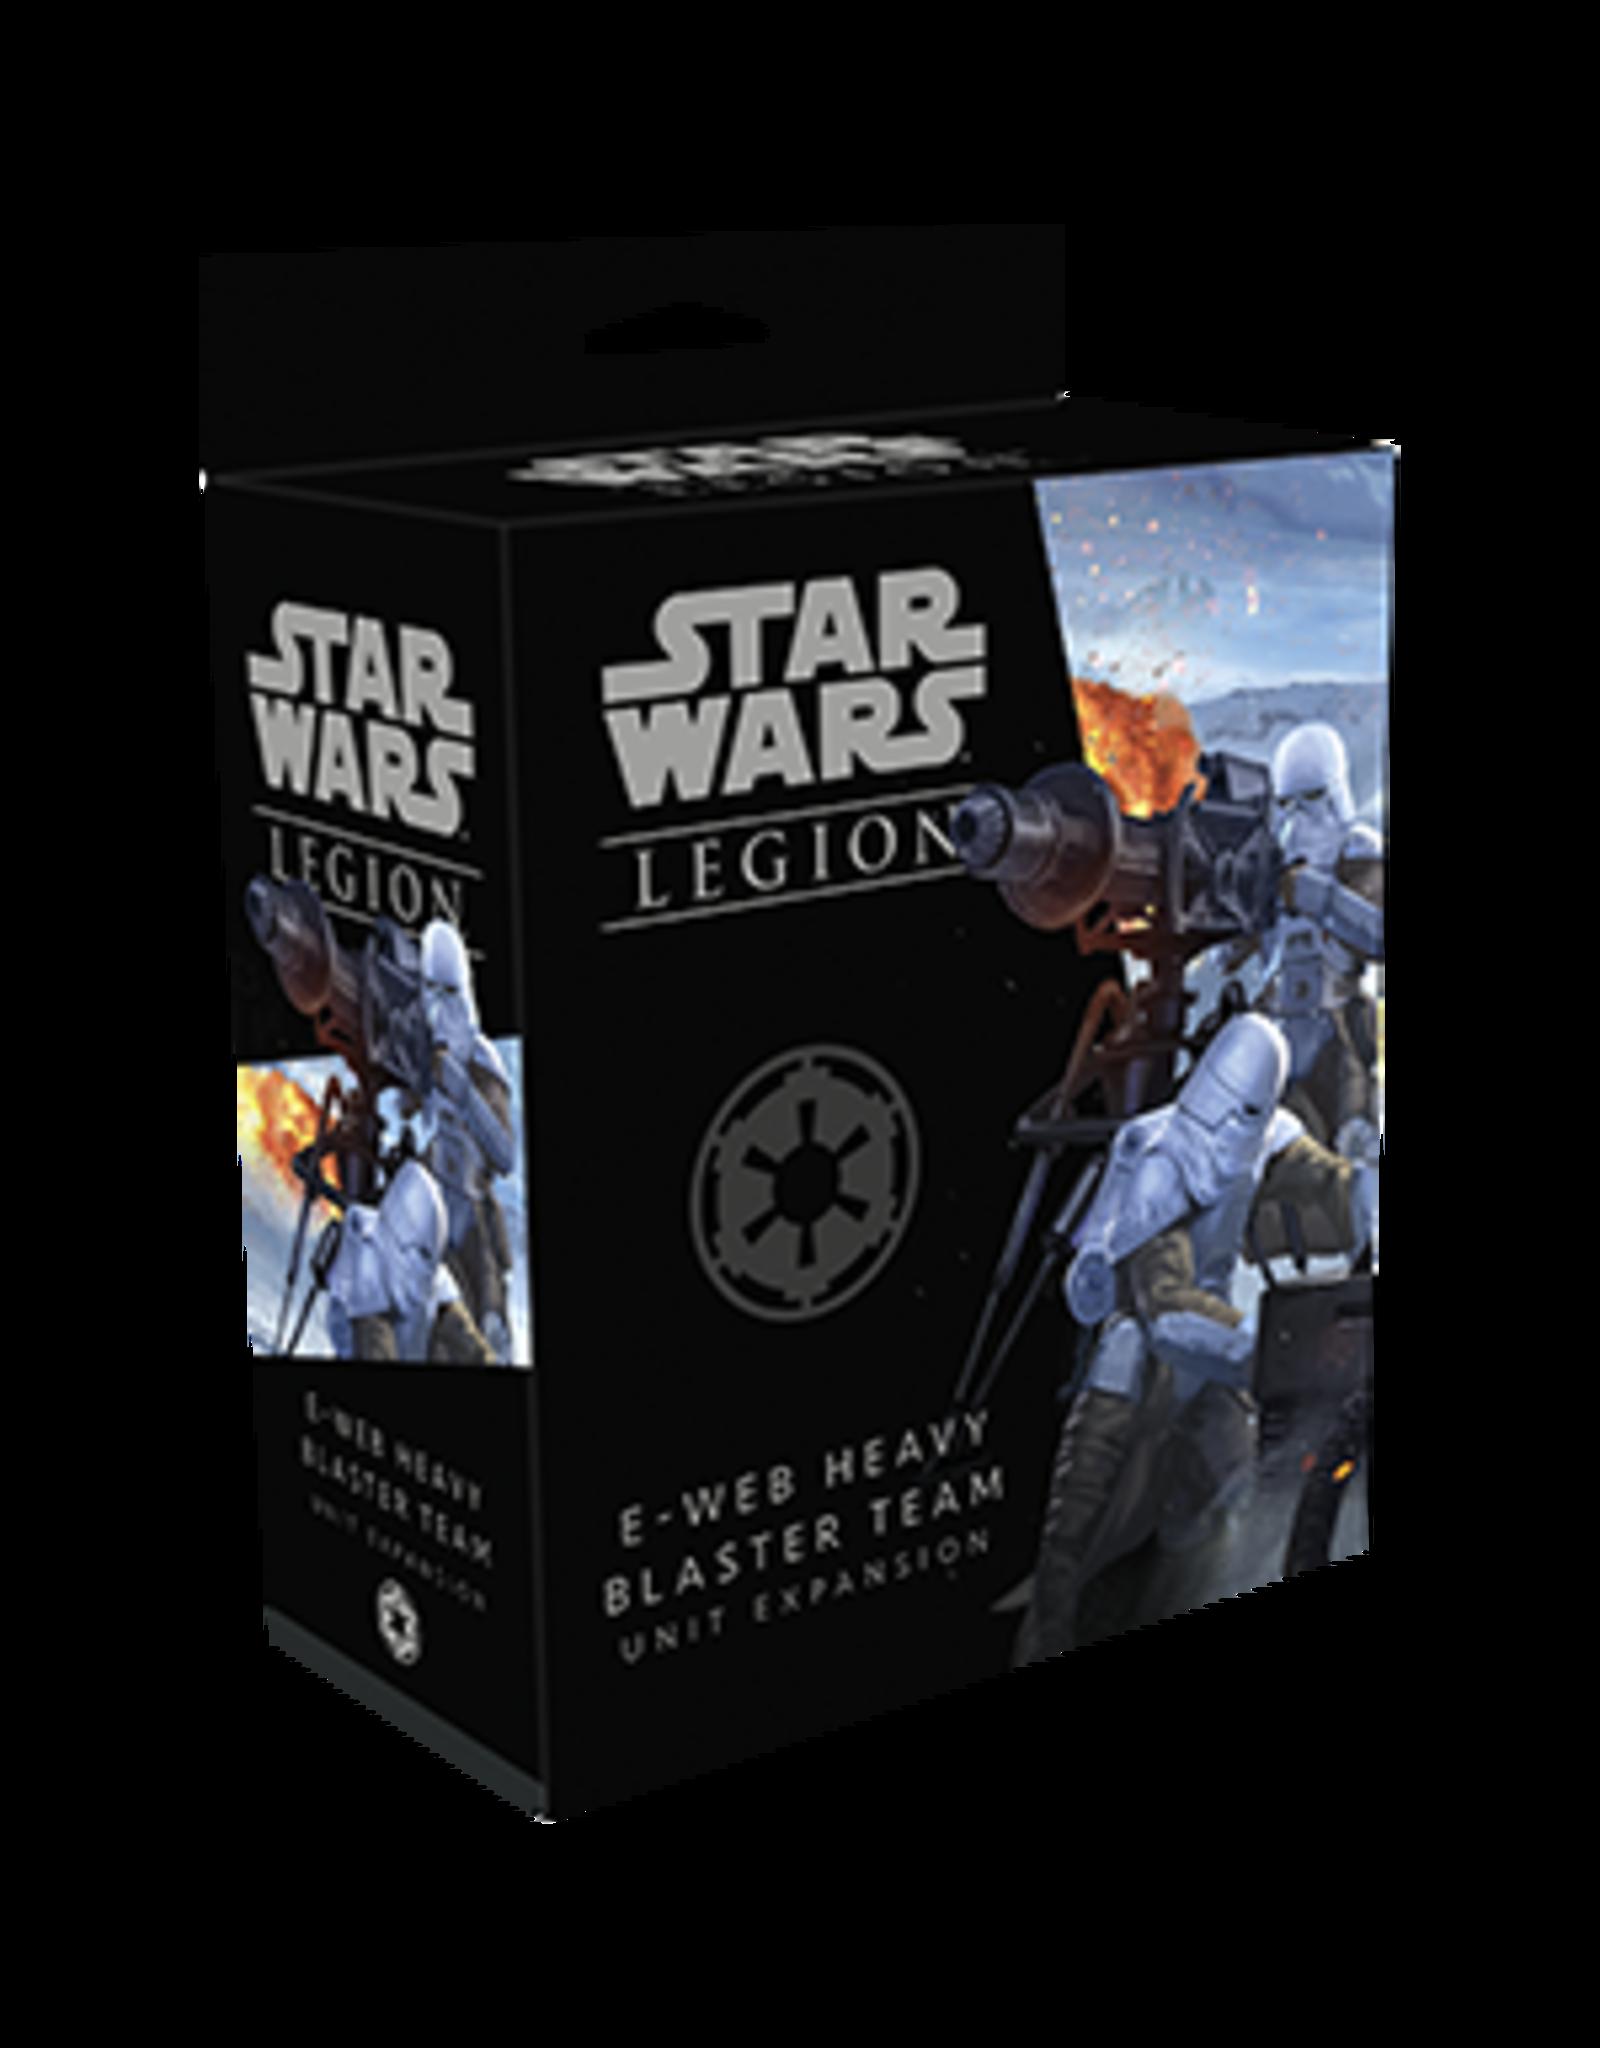 Fantasy Flight Games Star Wars: Legion - E-Web Heavy Blaster Team Unit Expansion